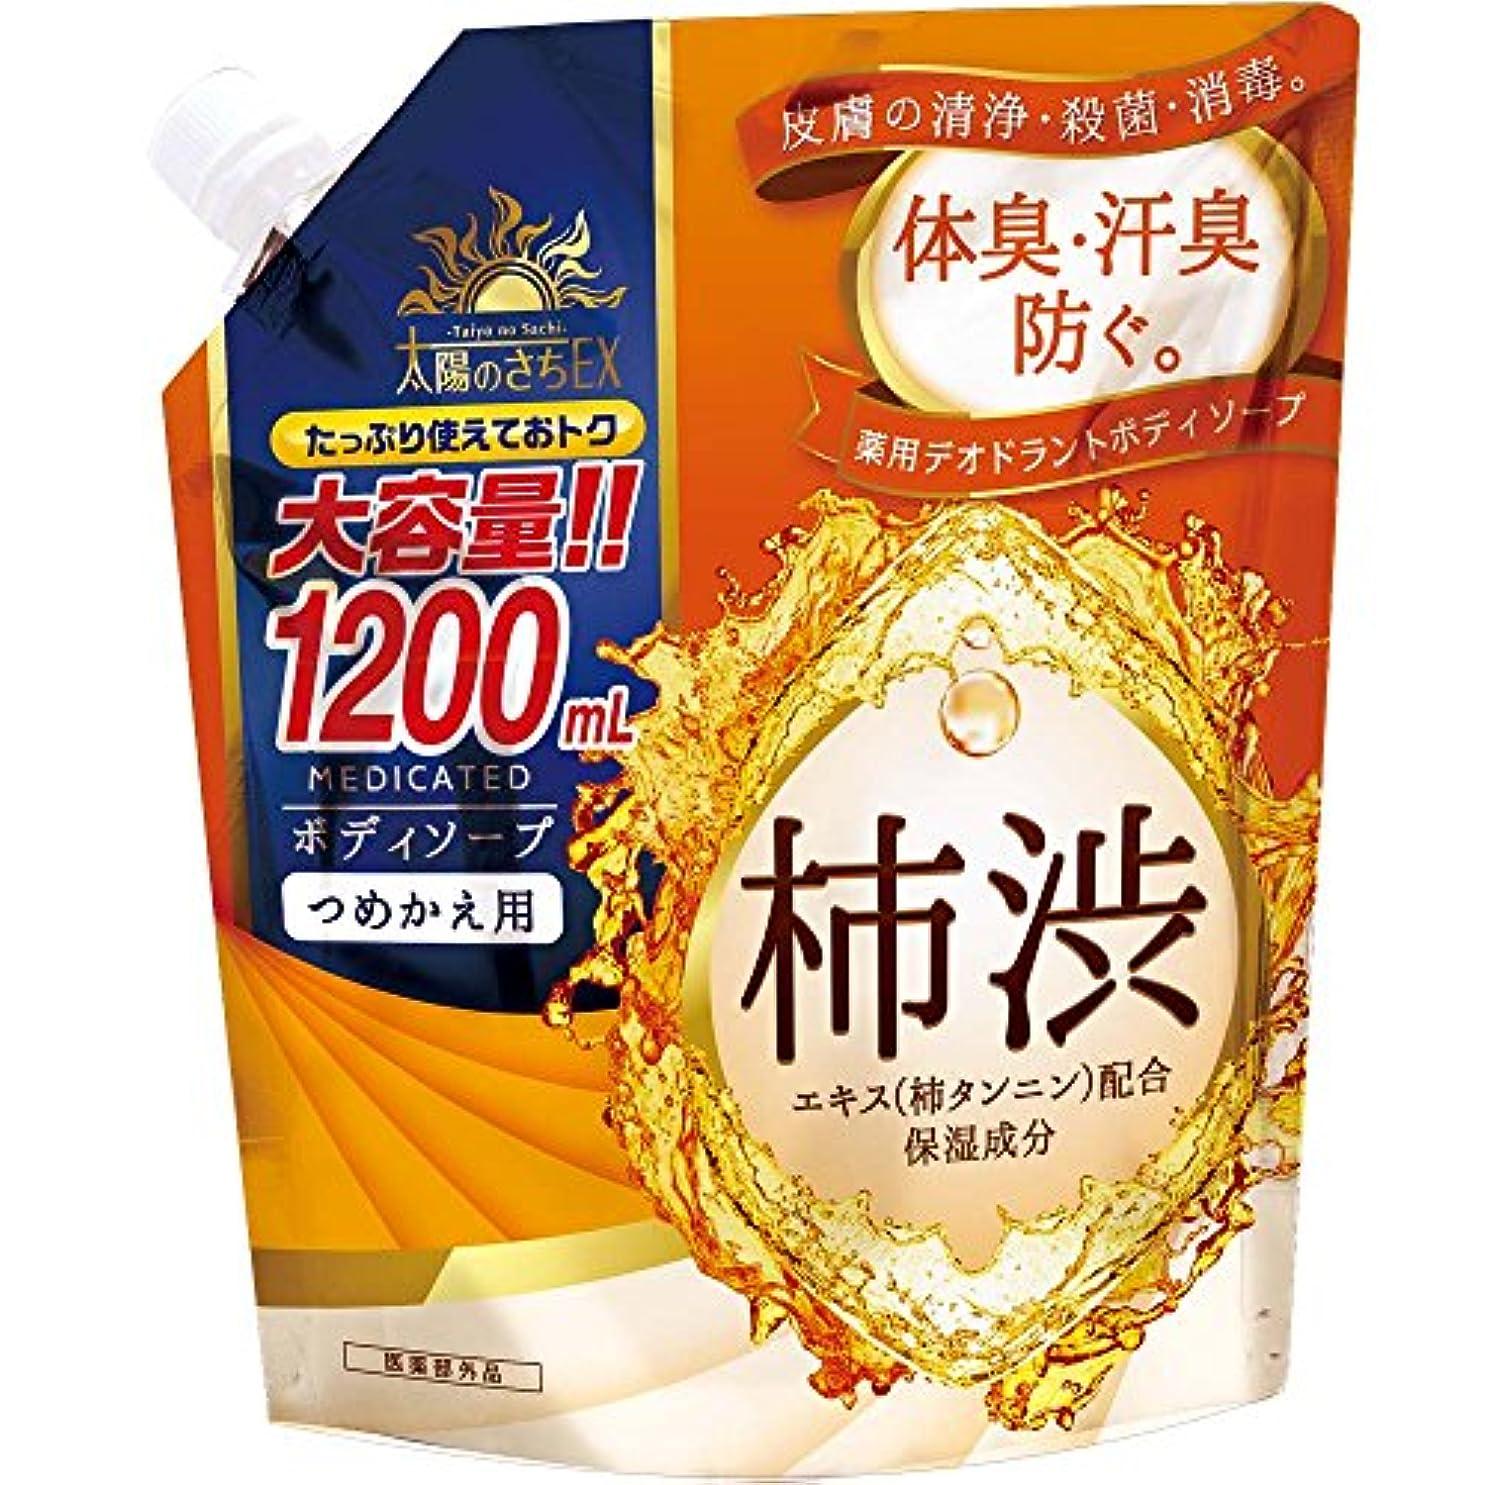 花瓶実質的もろい薬用太陽のさちEX柿渋ボディソープ 大容量 1200mL